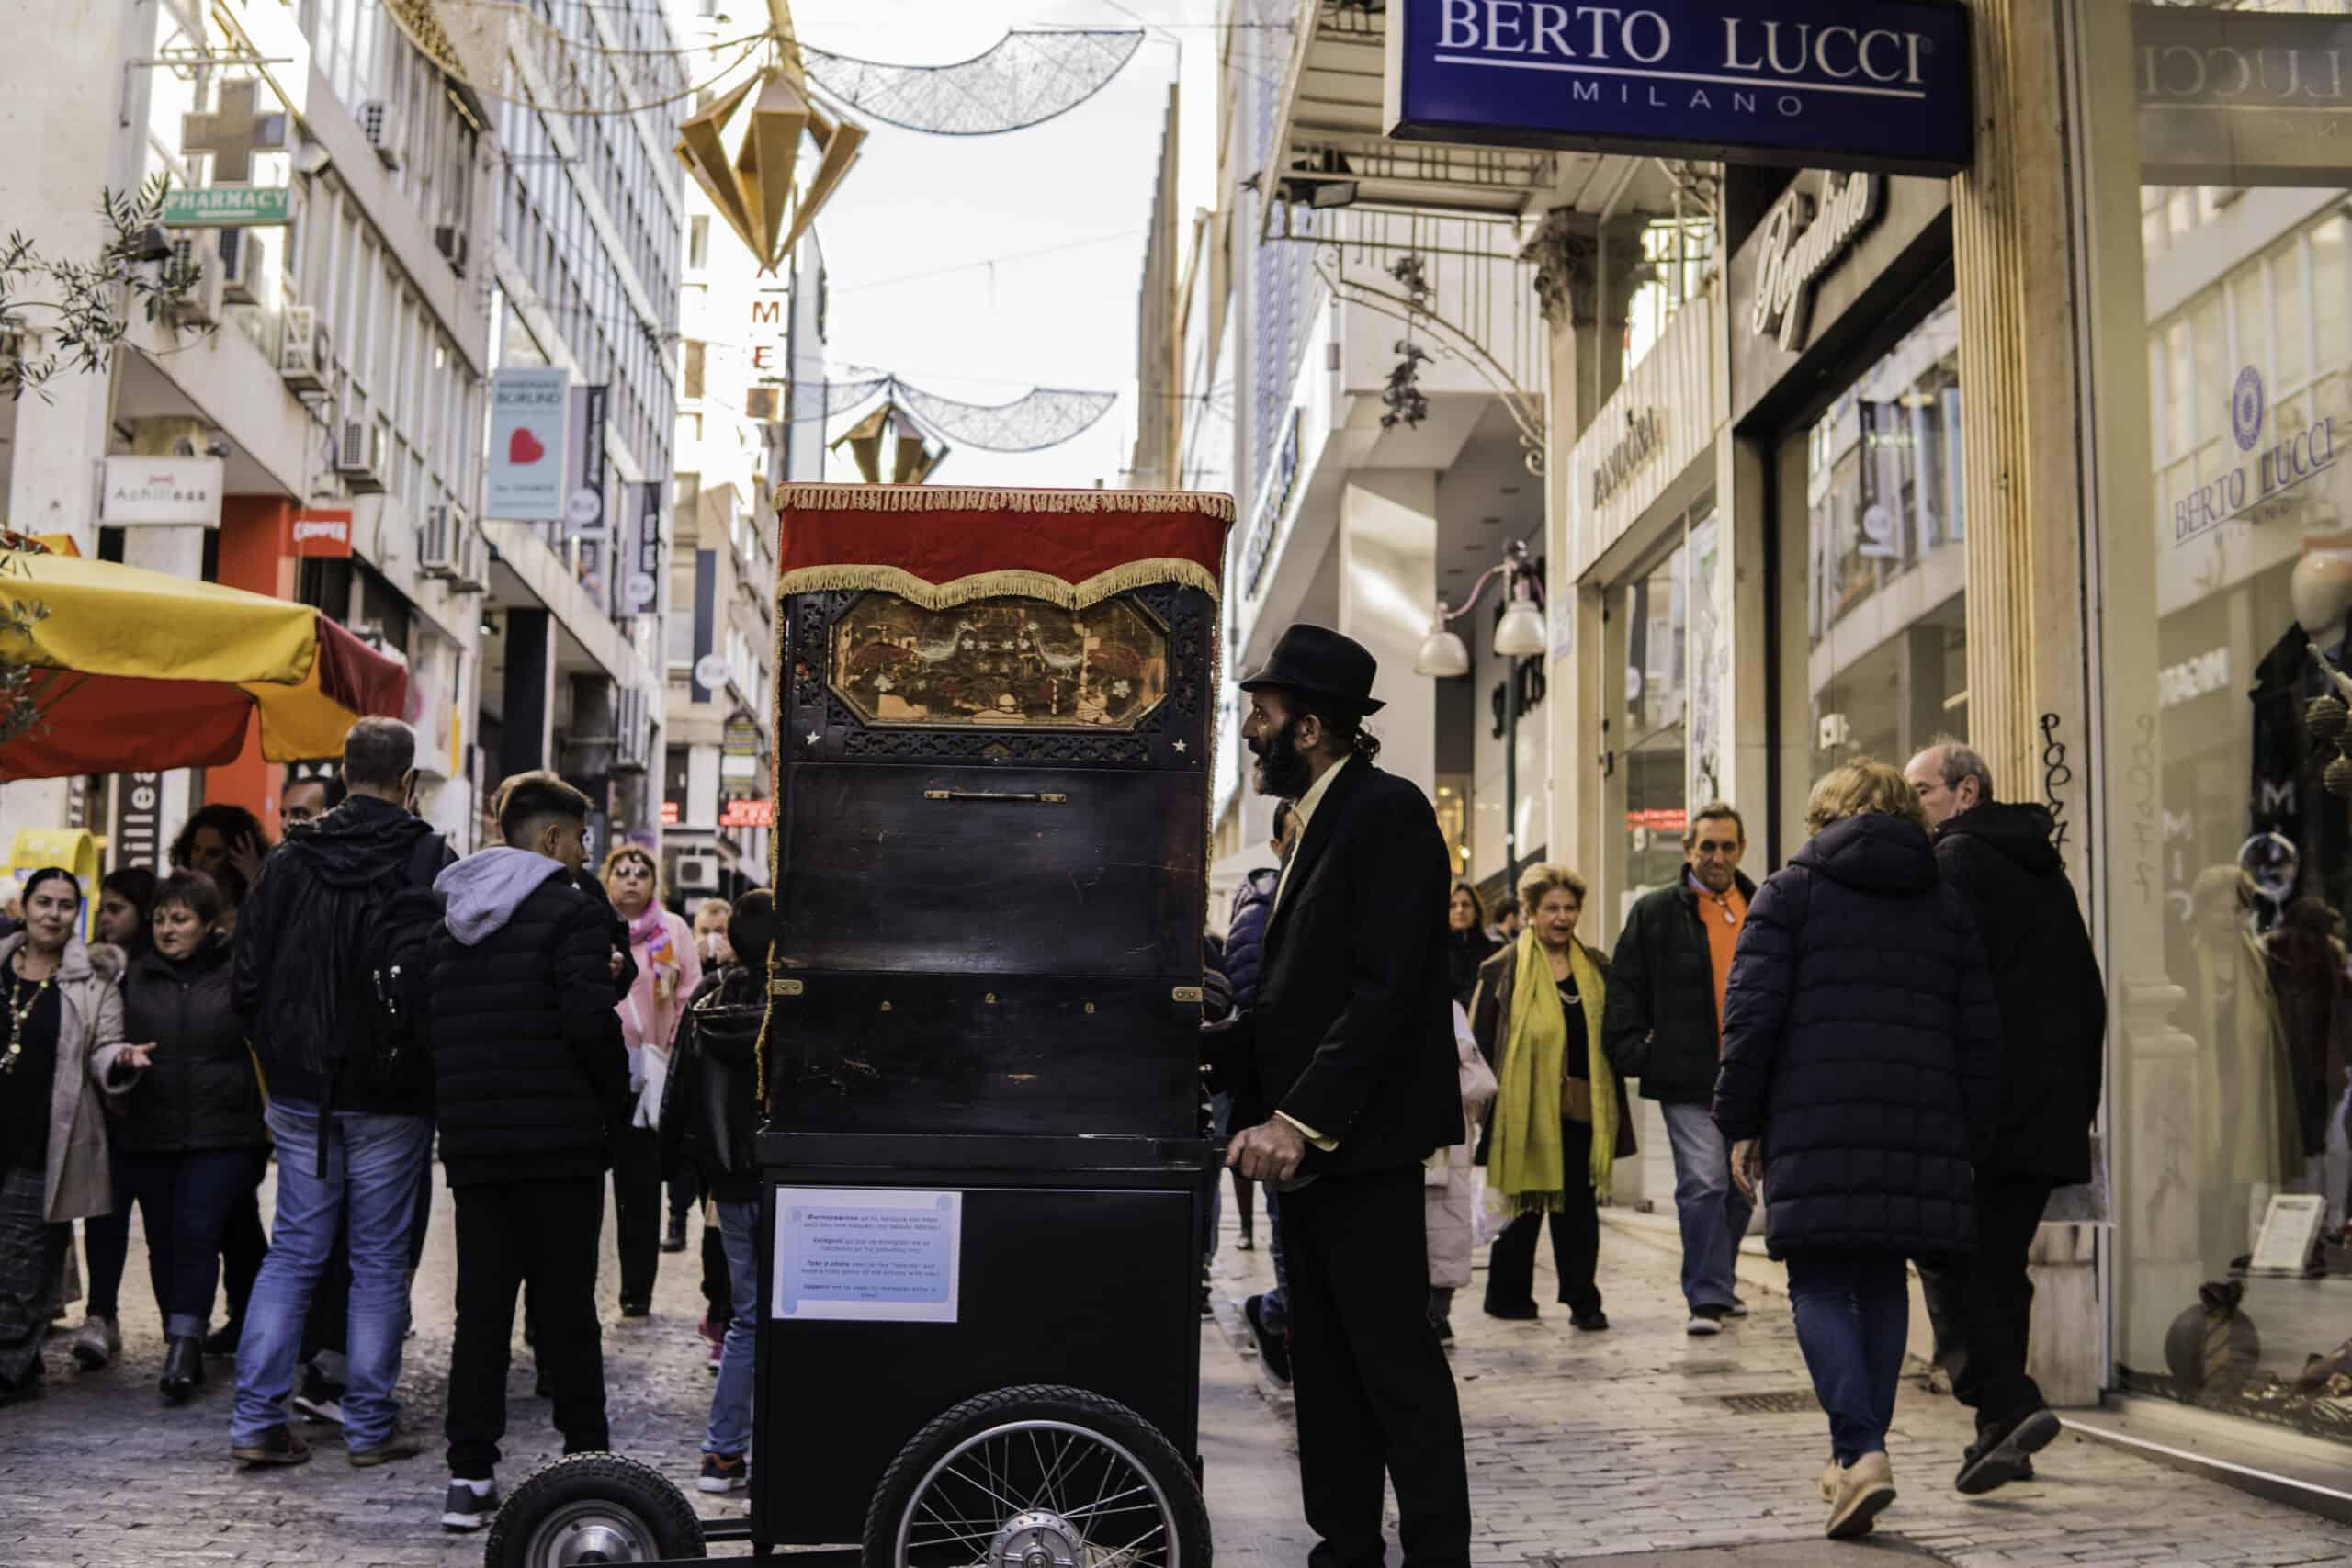 Αθήνα ανθρώπινη πόλη - ουδέν κακόν αμιγές καλού